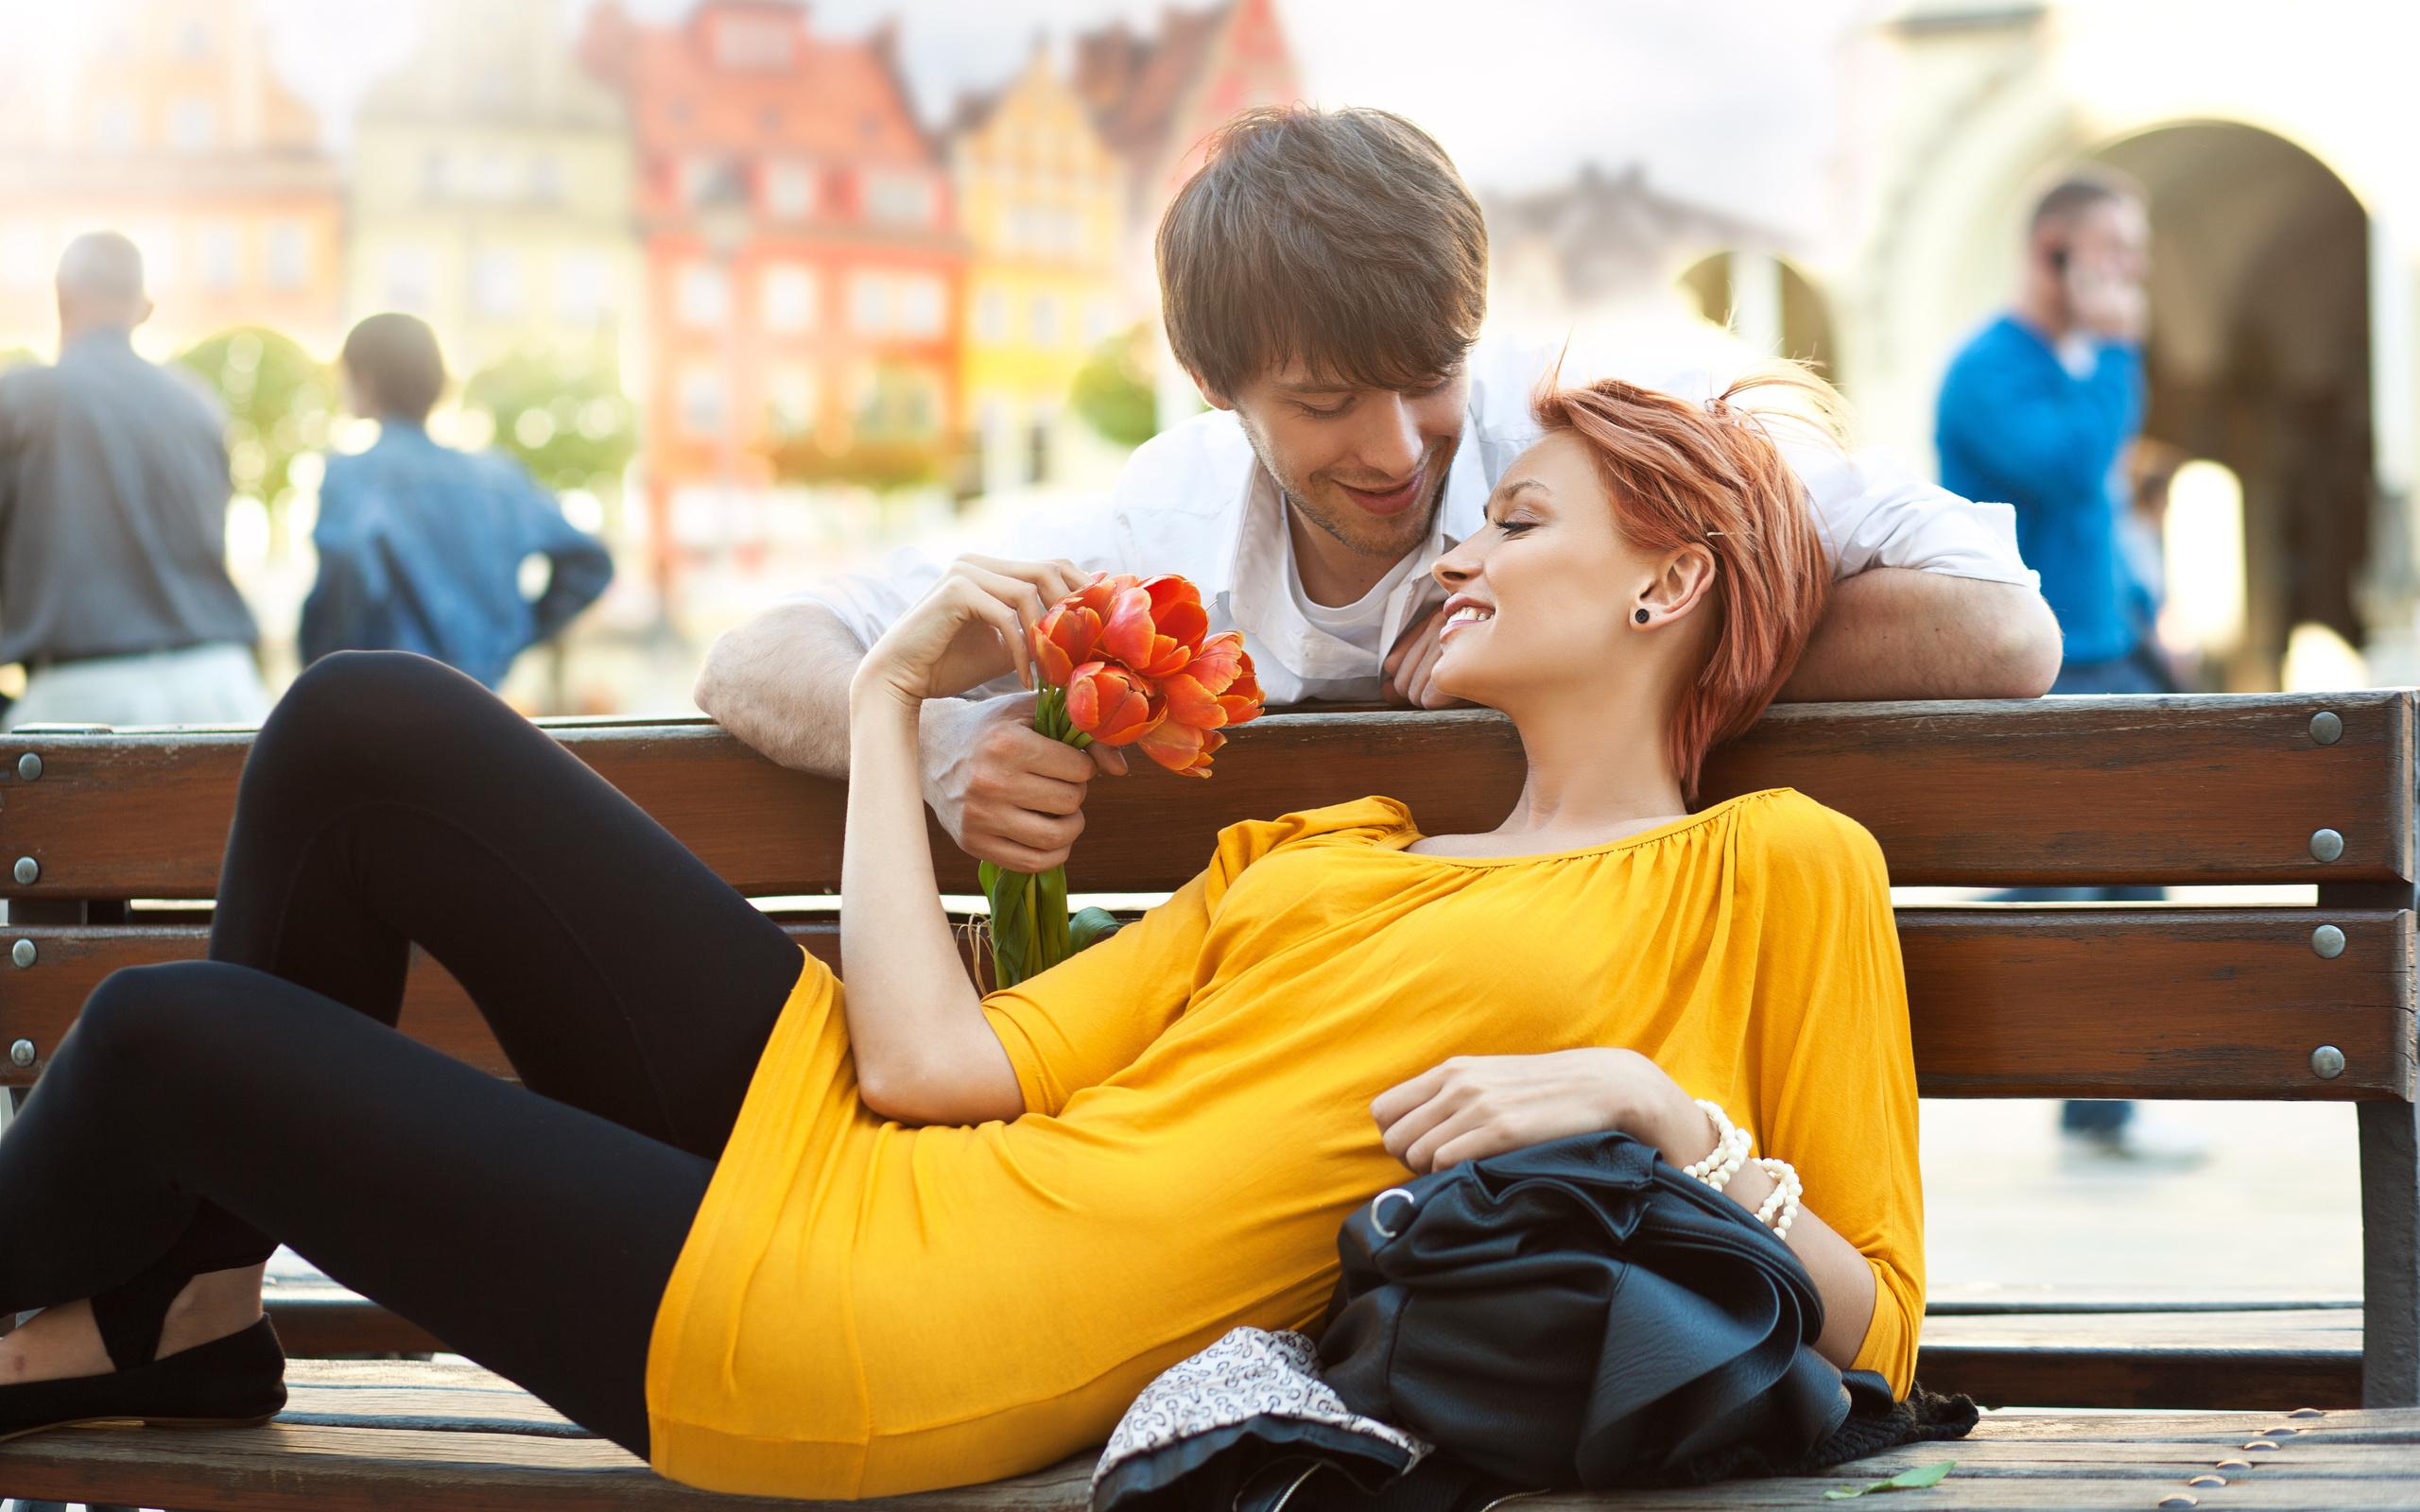 Как сделать чтобы у девушки чувства вернулись